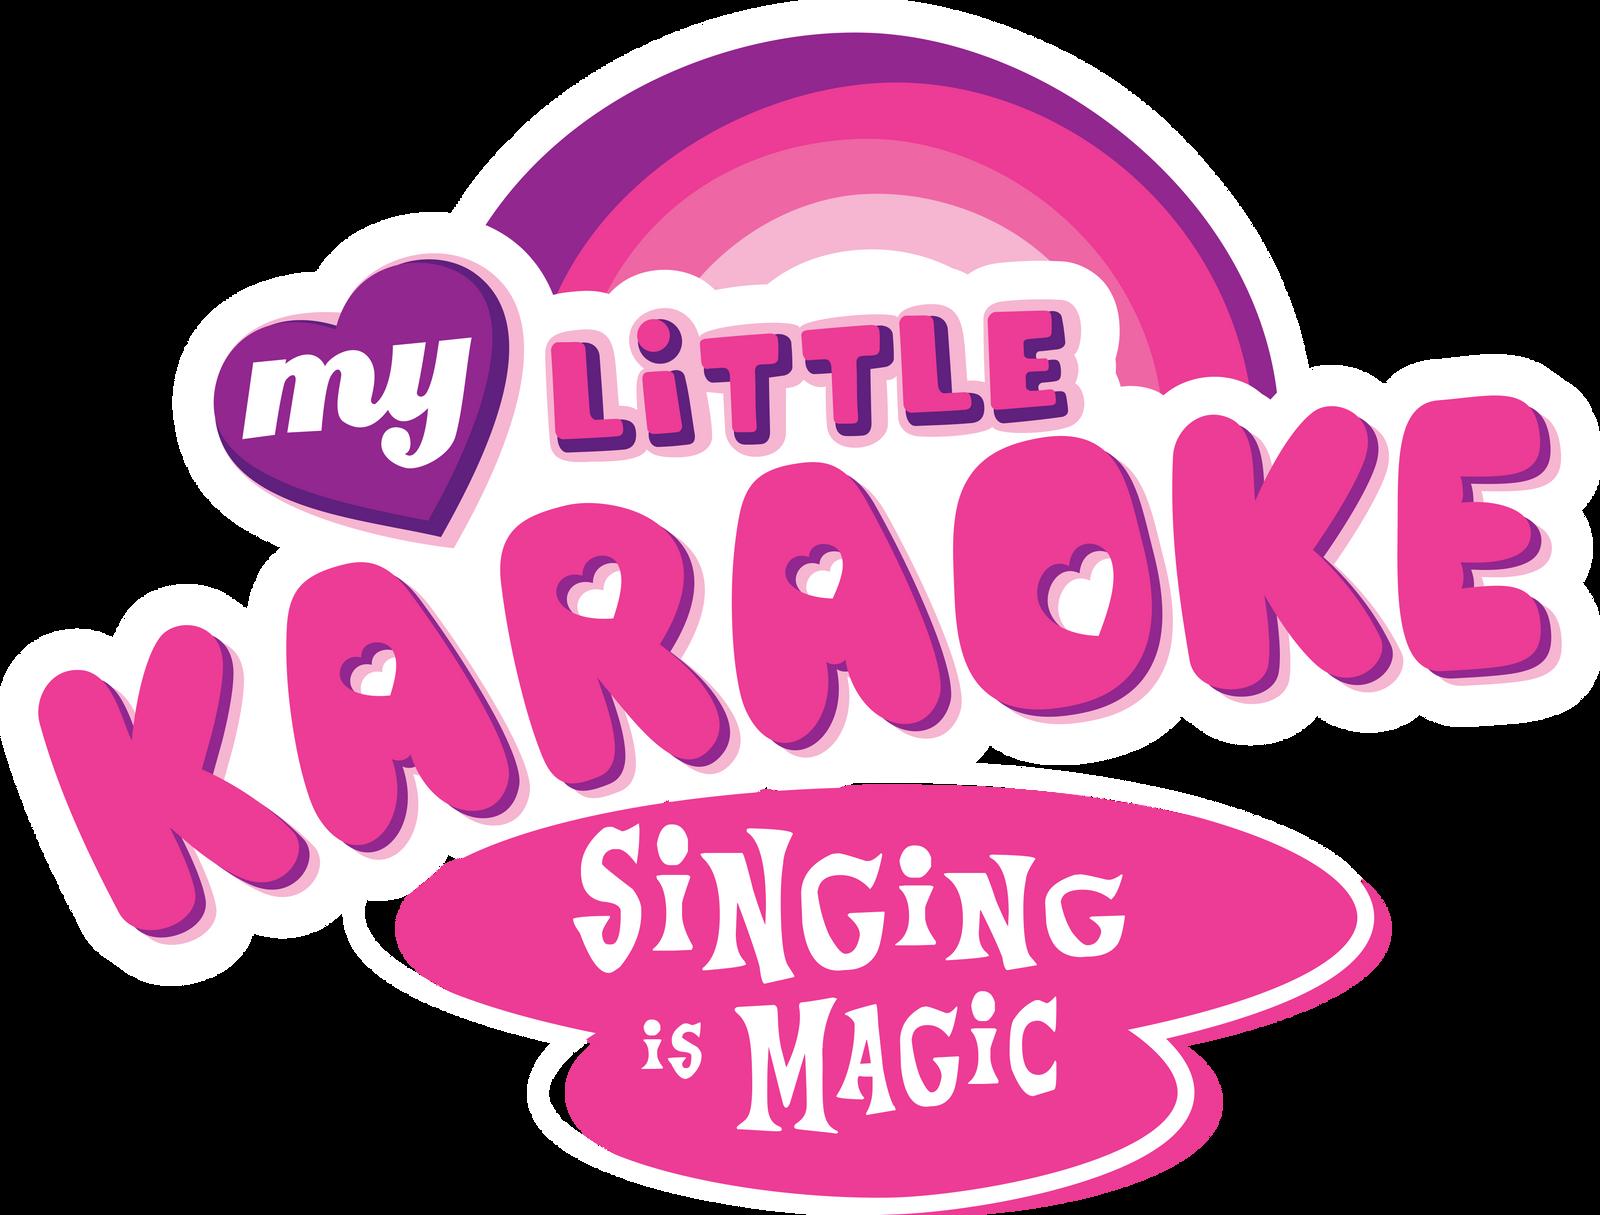 My Little Karaoke Logo by PsychicWalnut